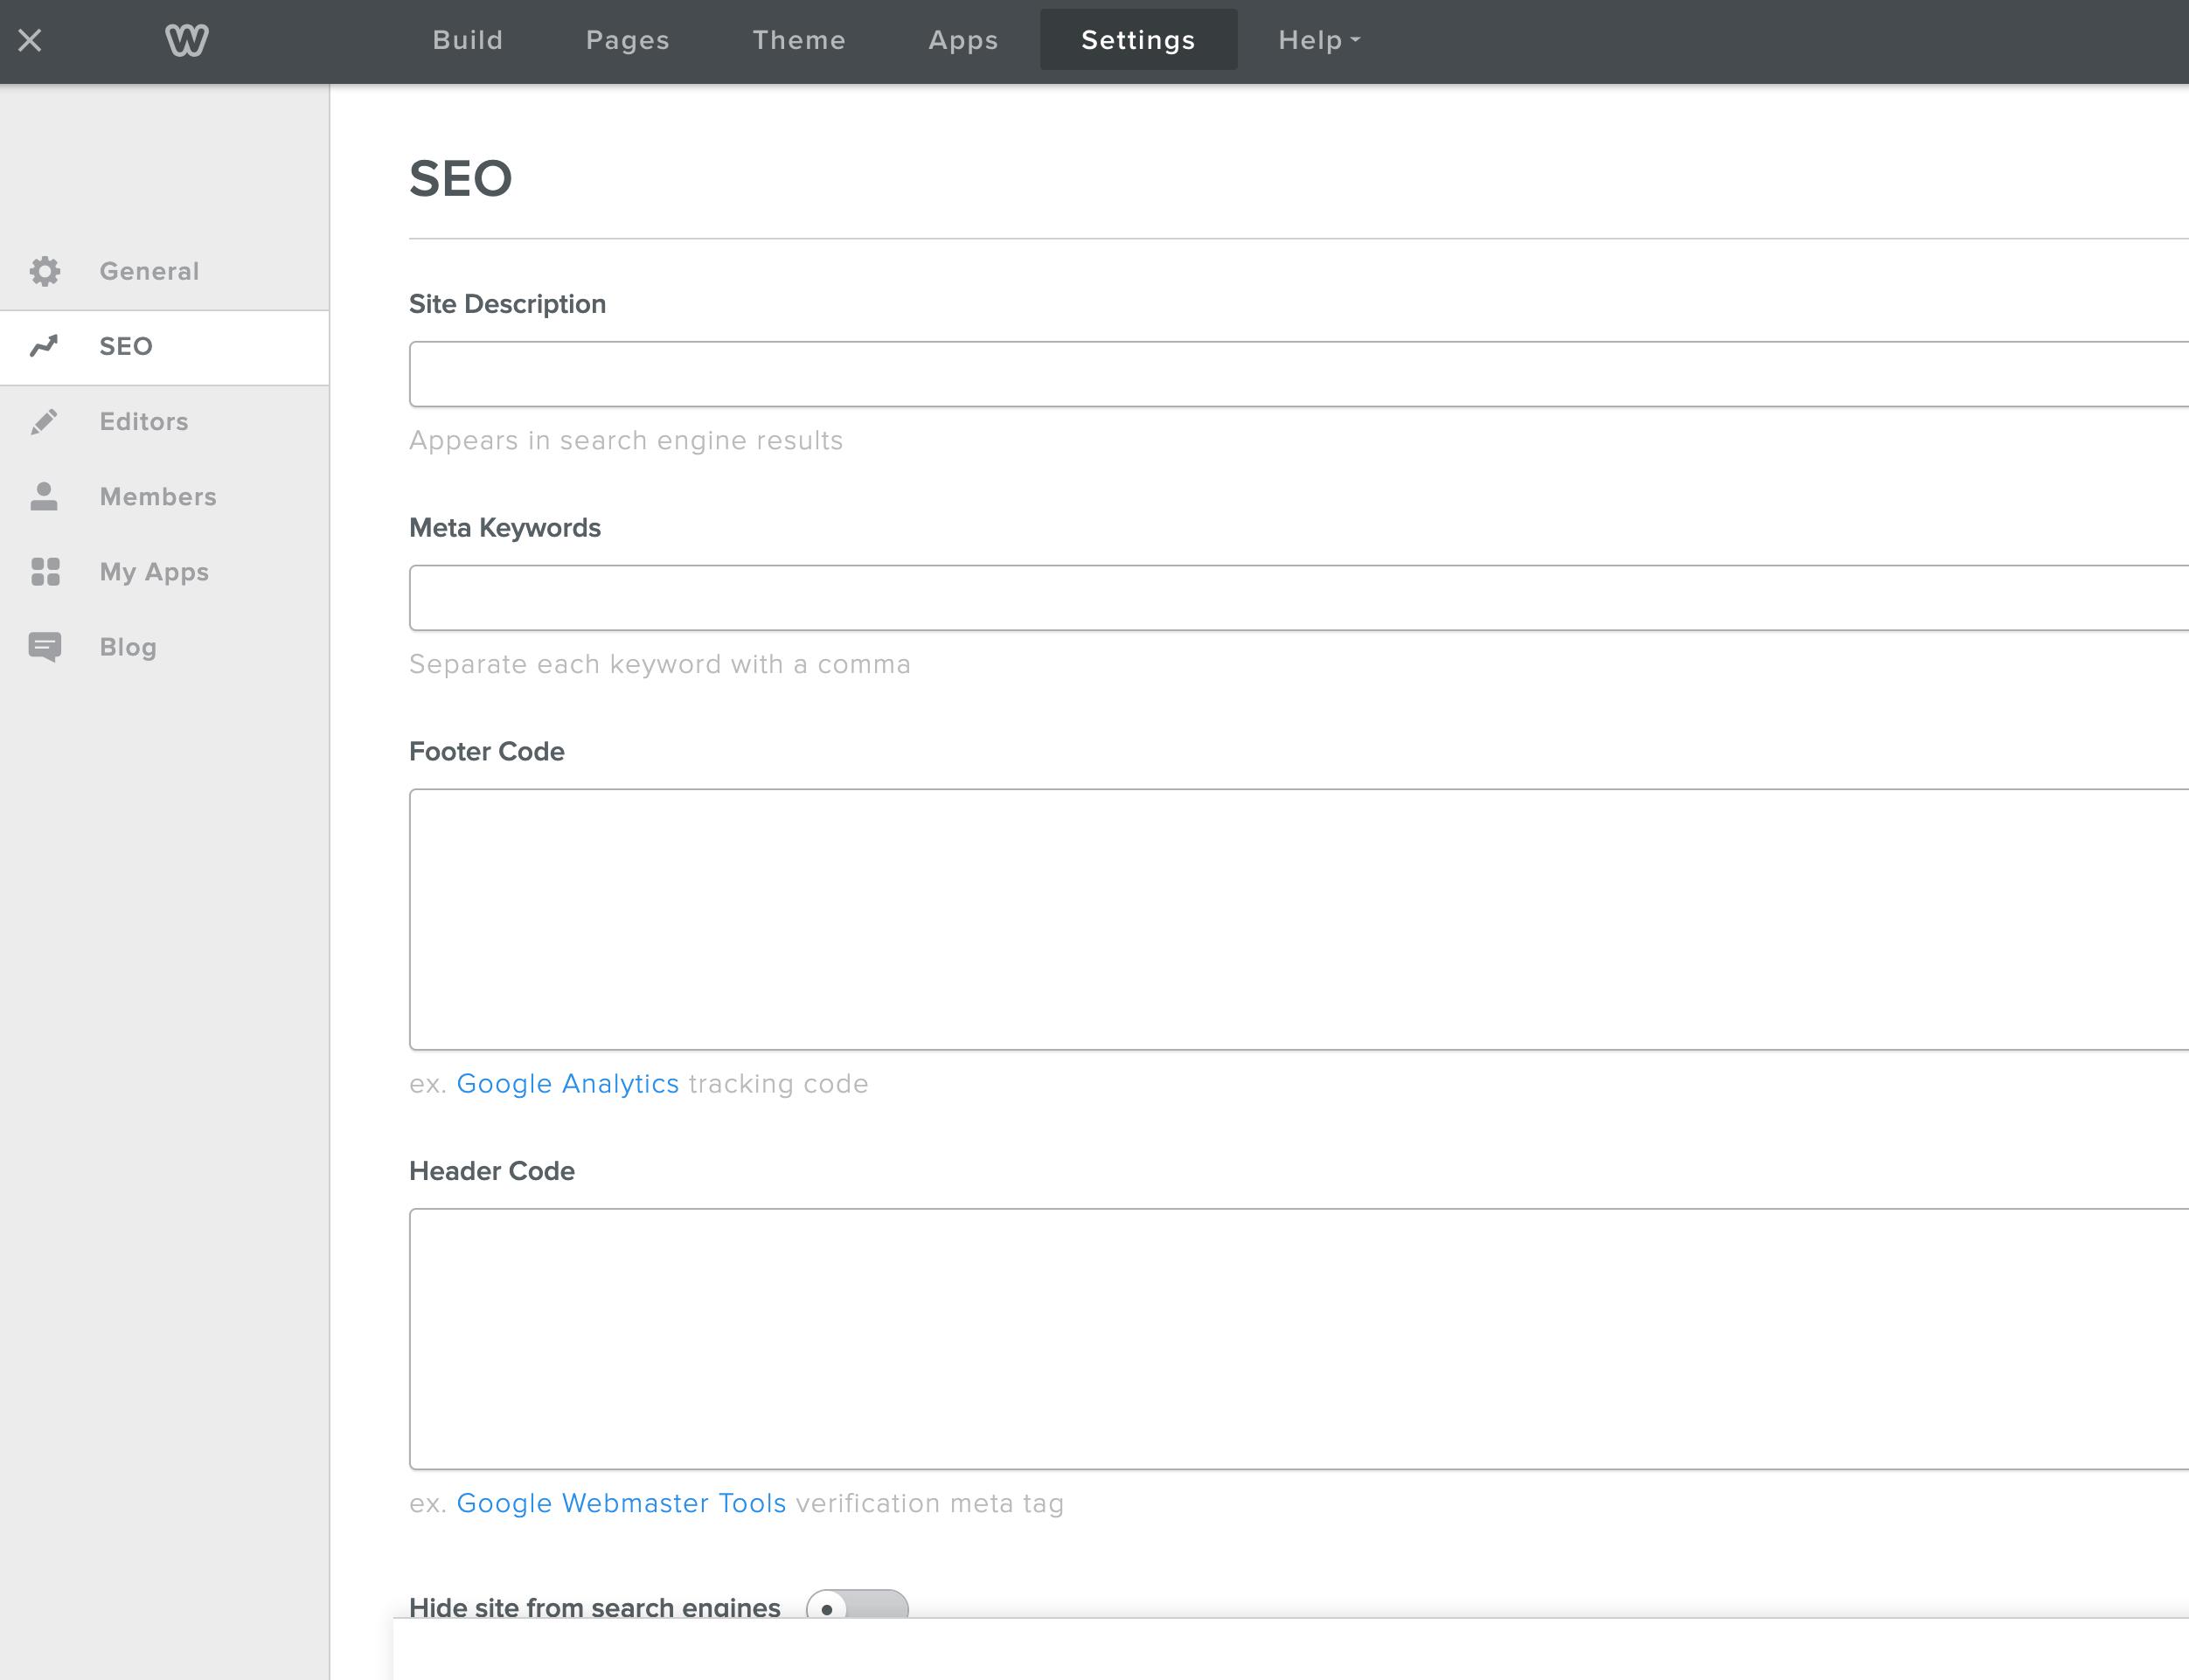 Opciones de SEO para la configuración del sitio Weebly